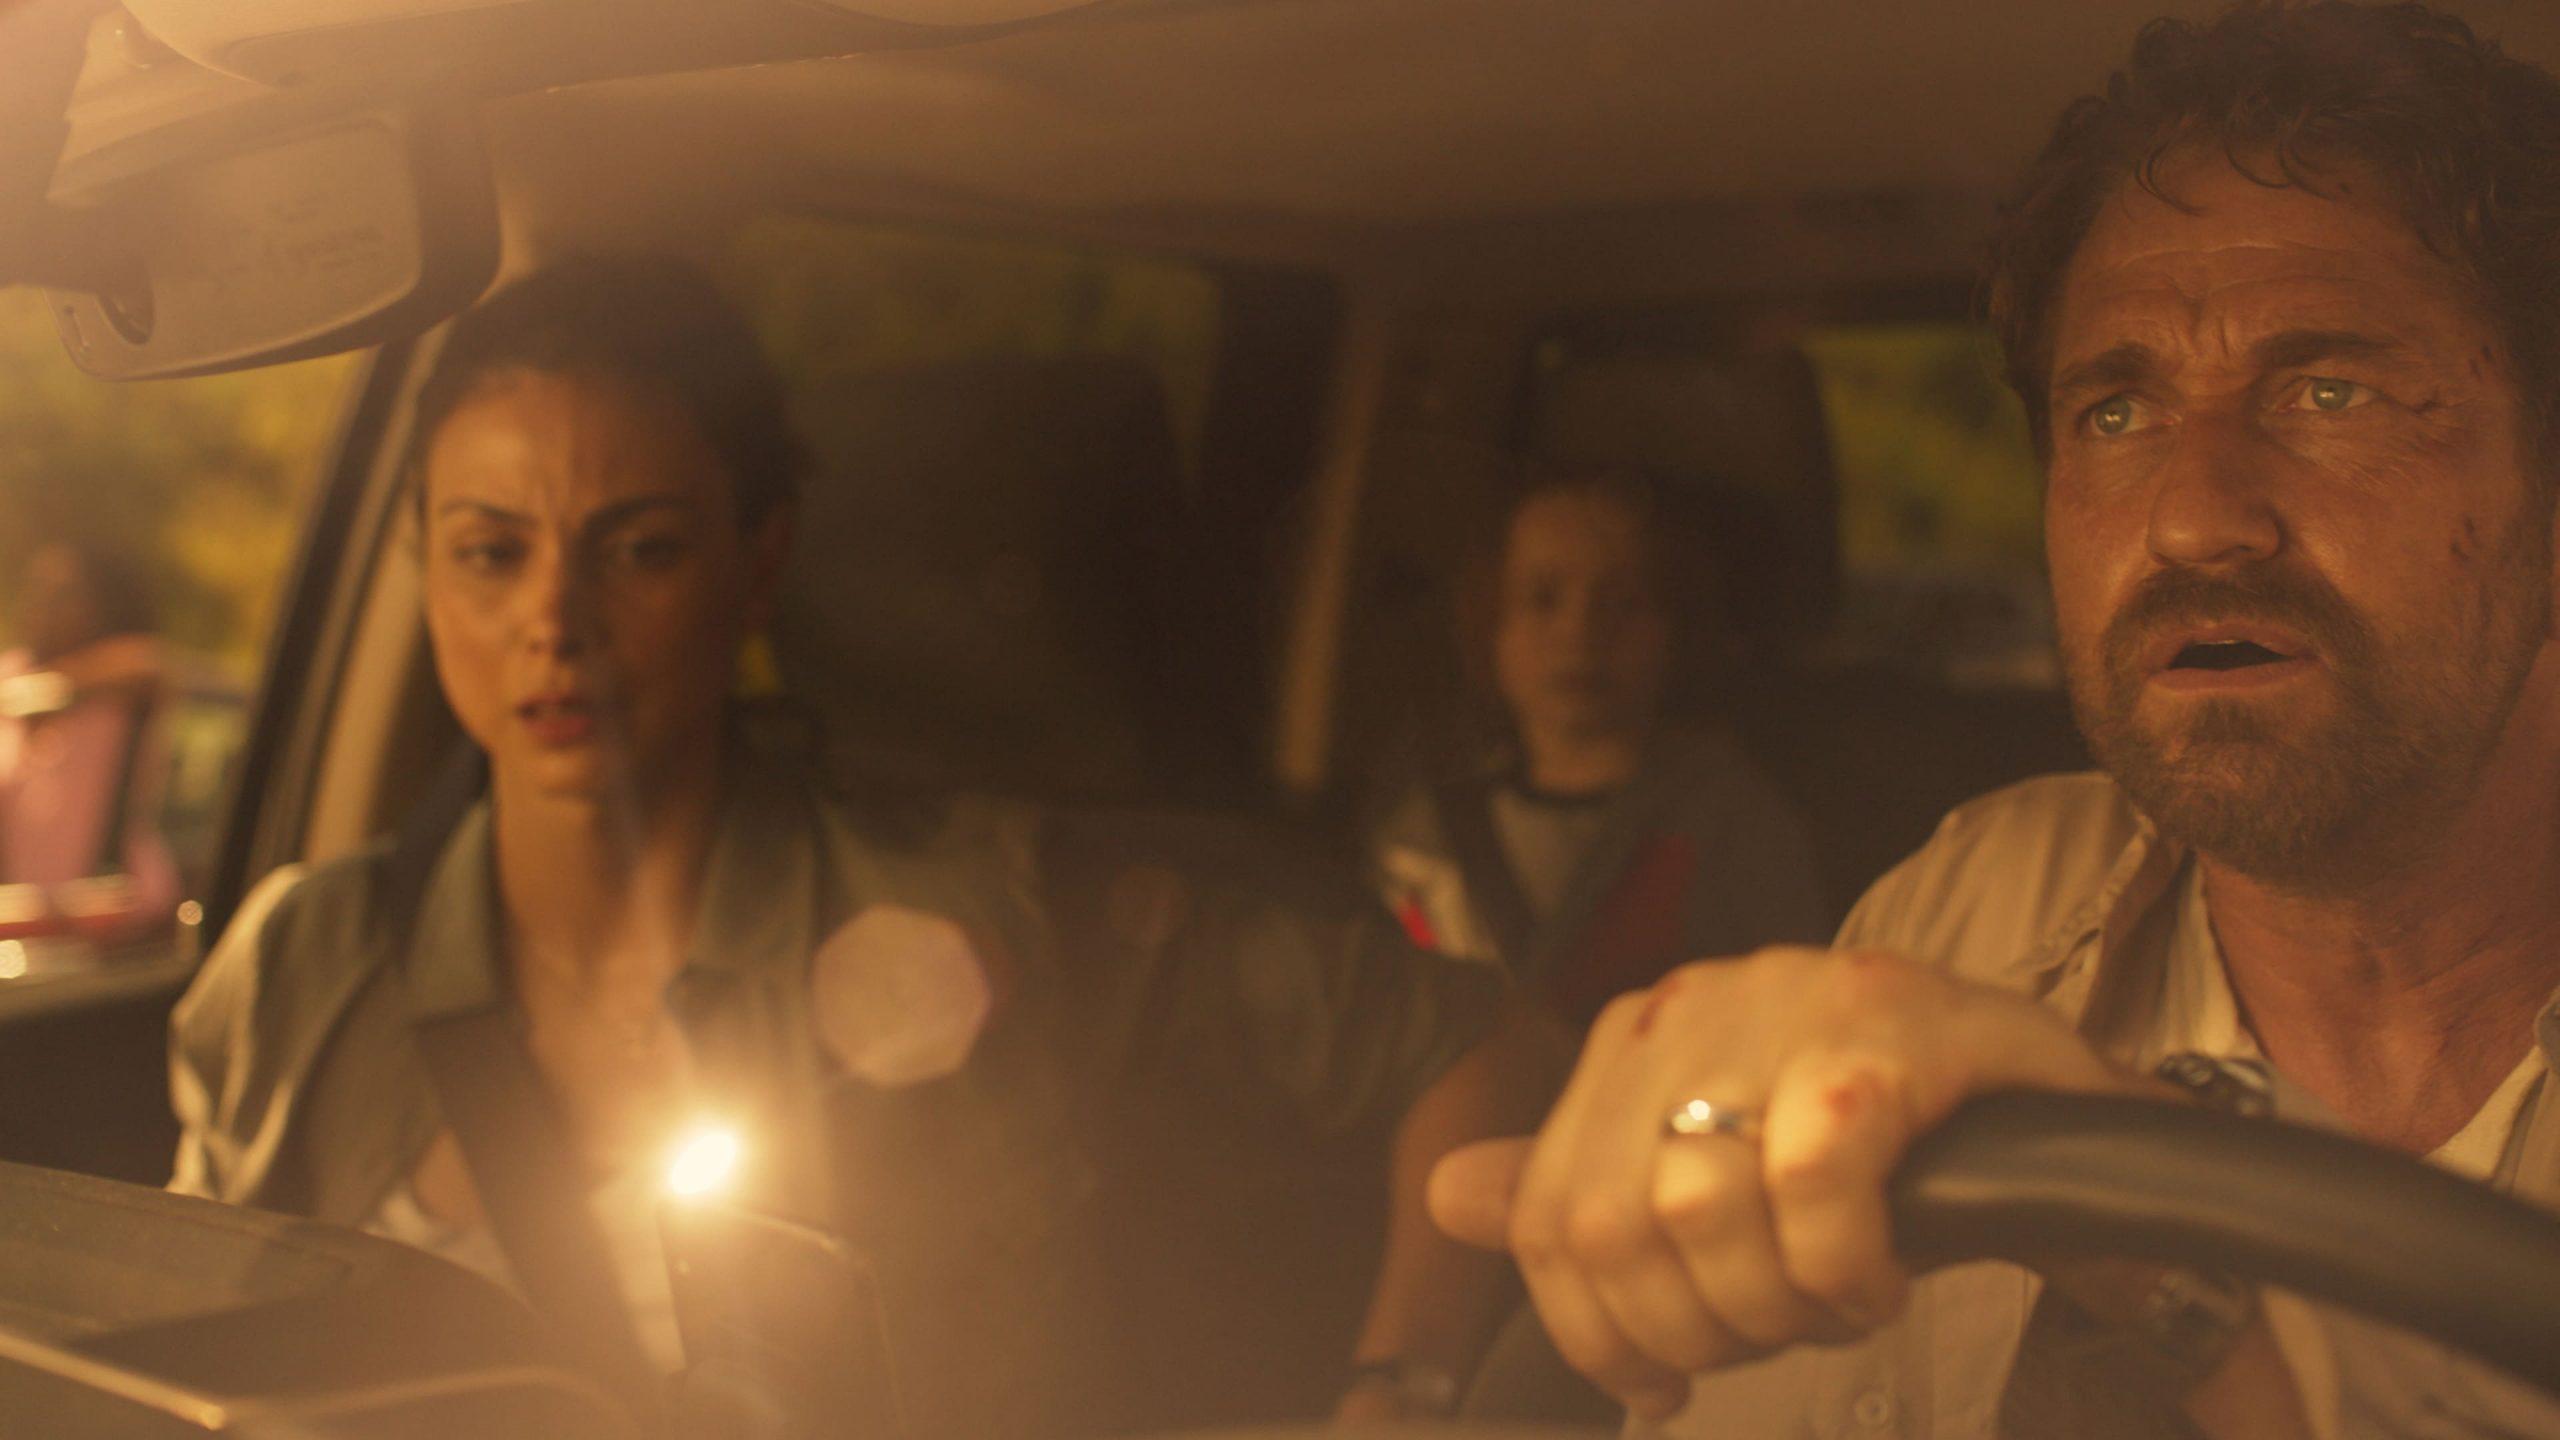 فیلم سینمایی 2020 Greenland